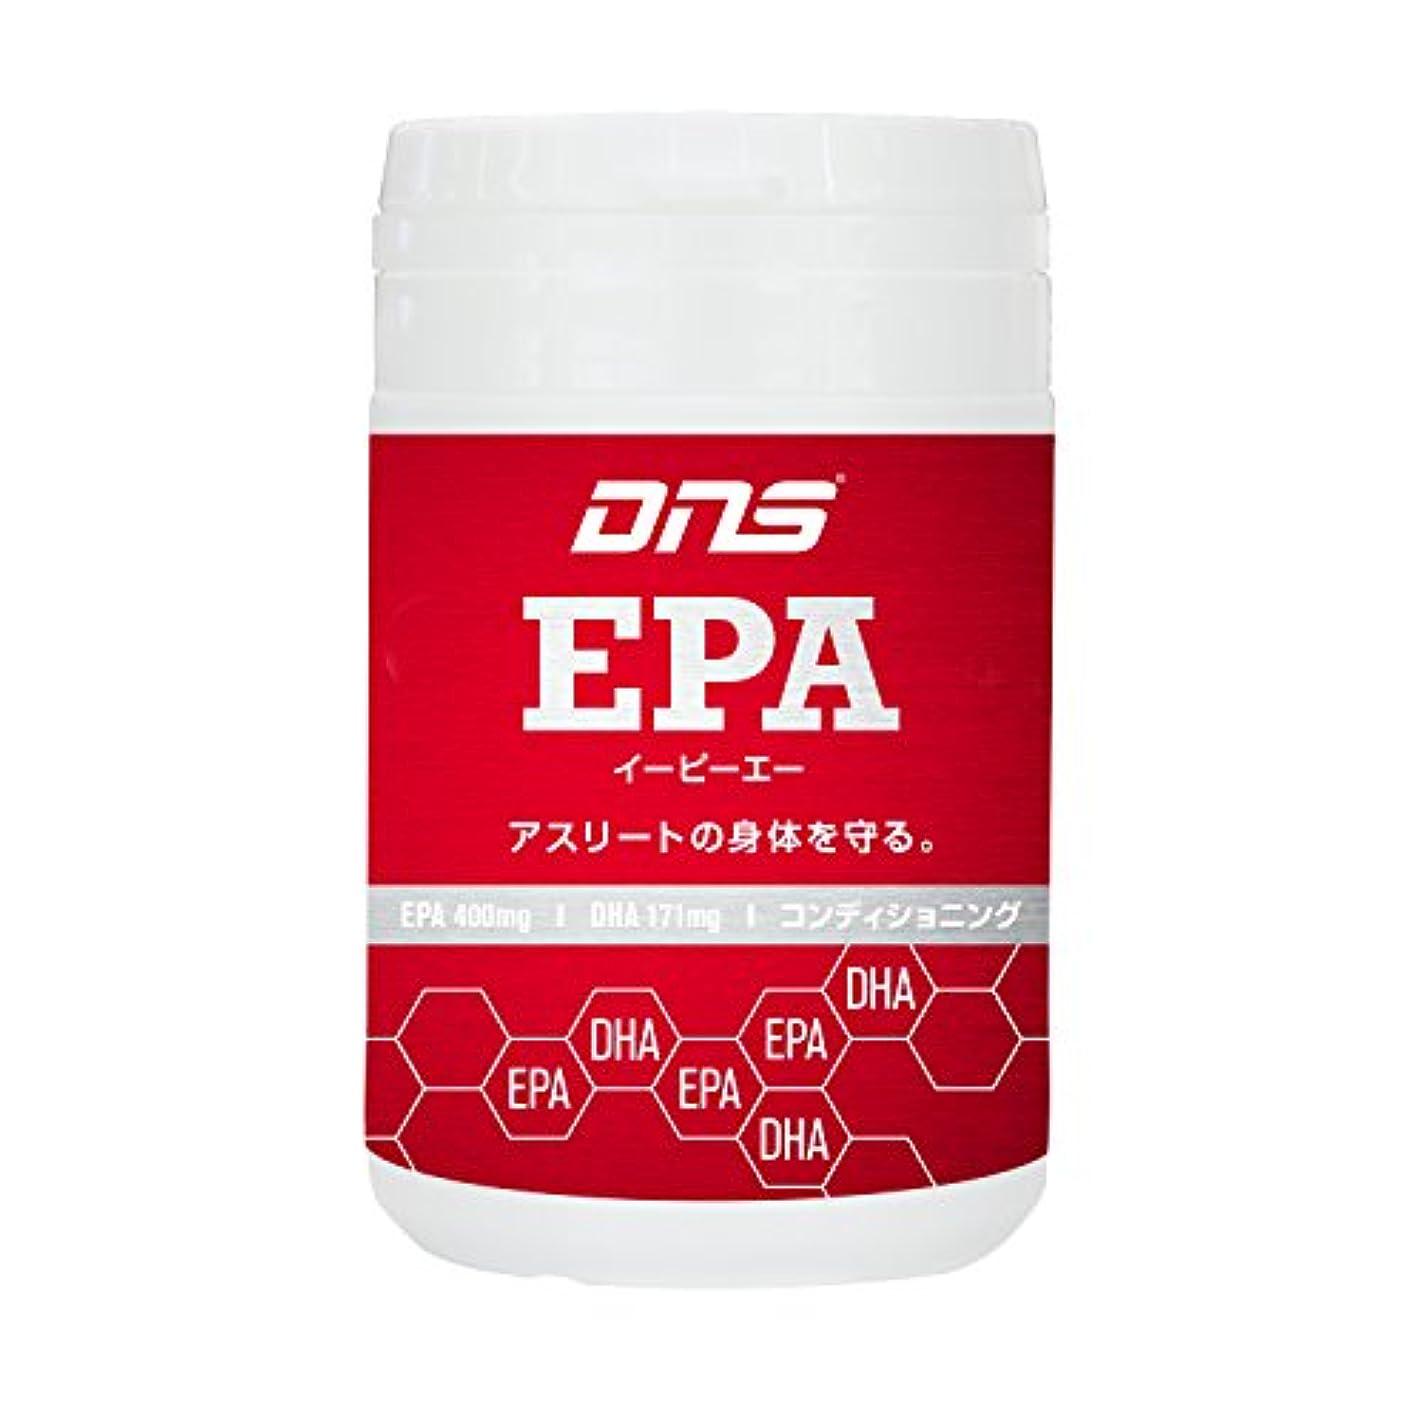 関係する認めるのヒープDNS EPA